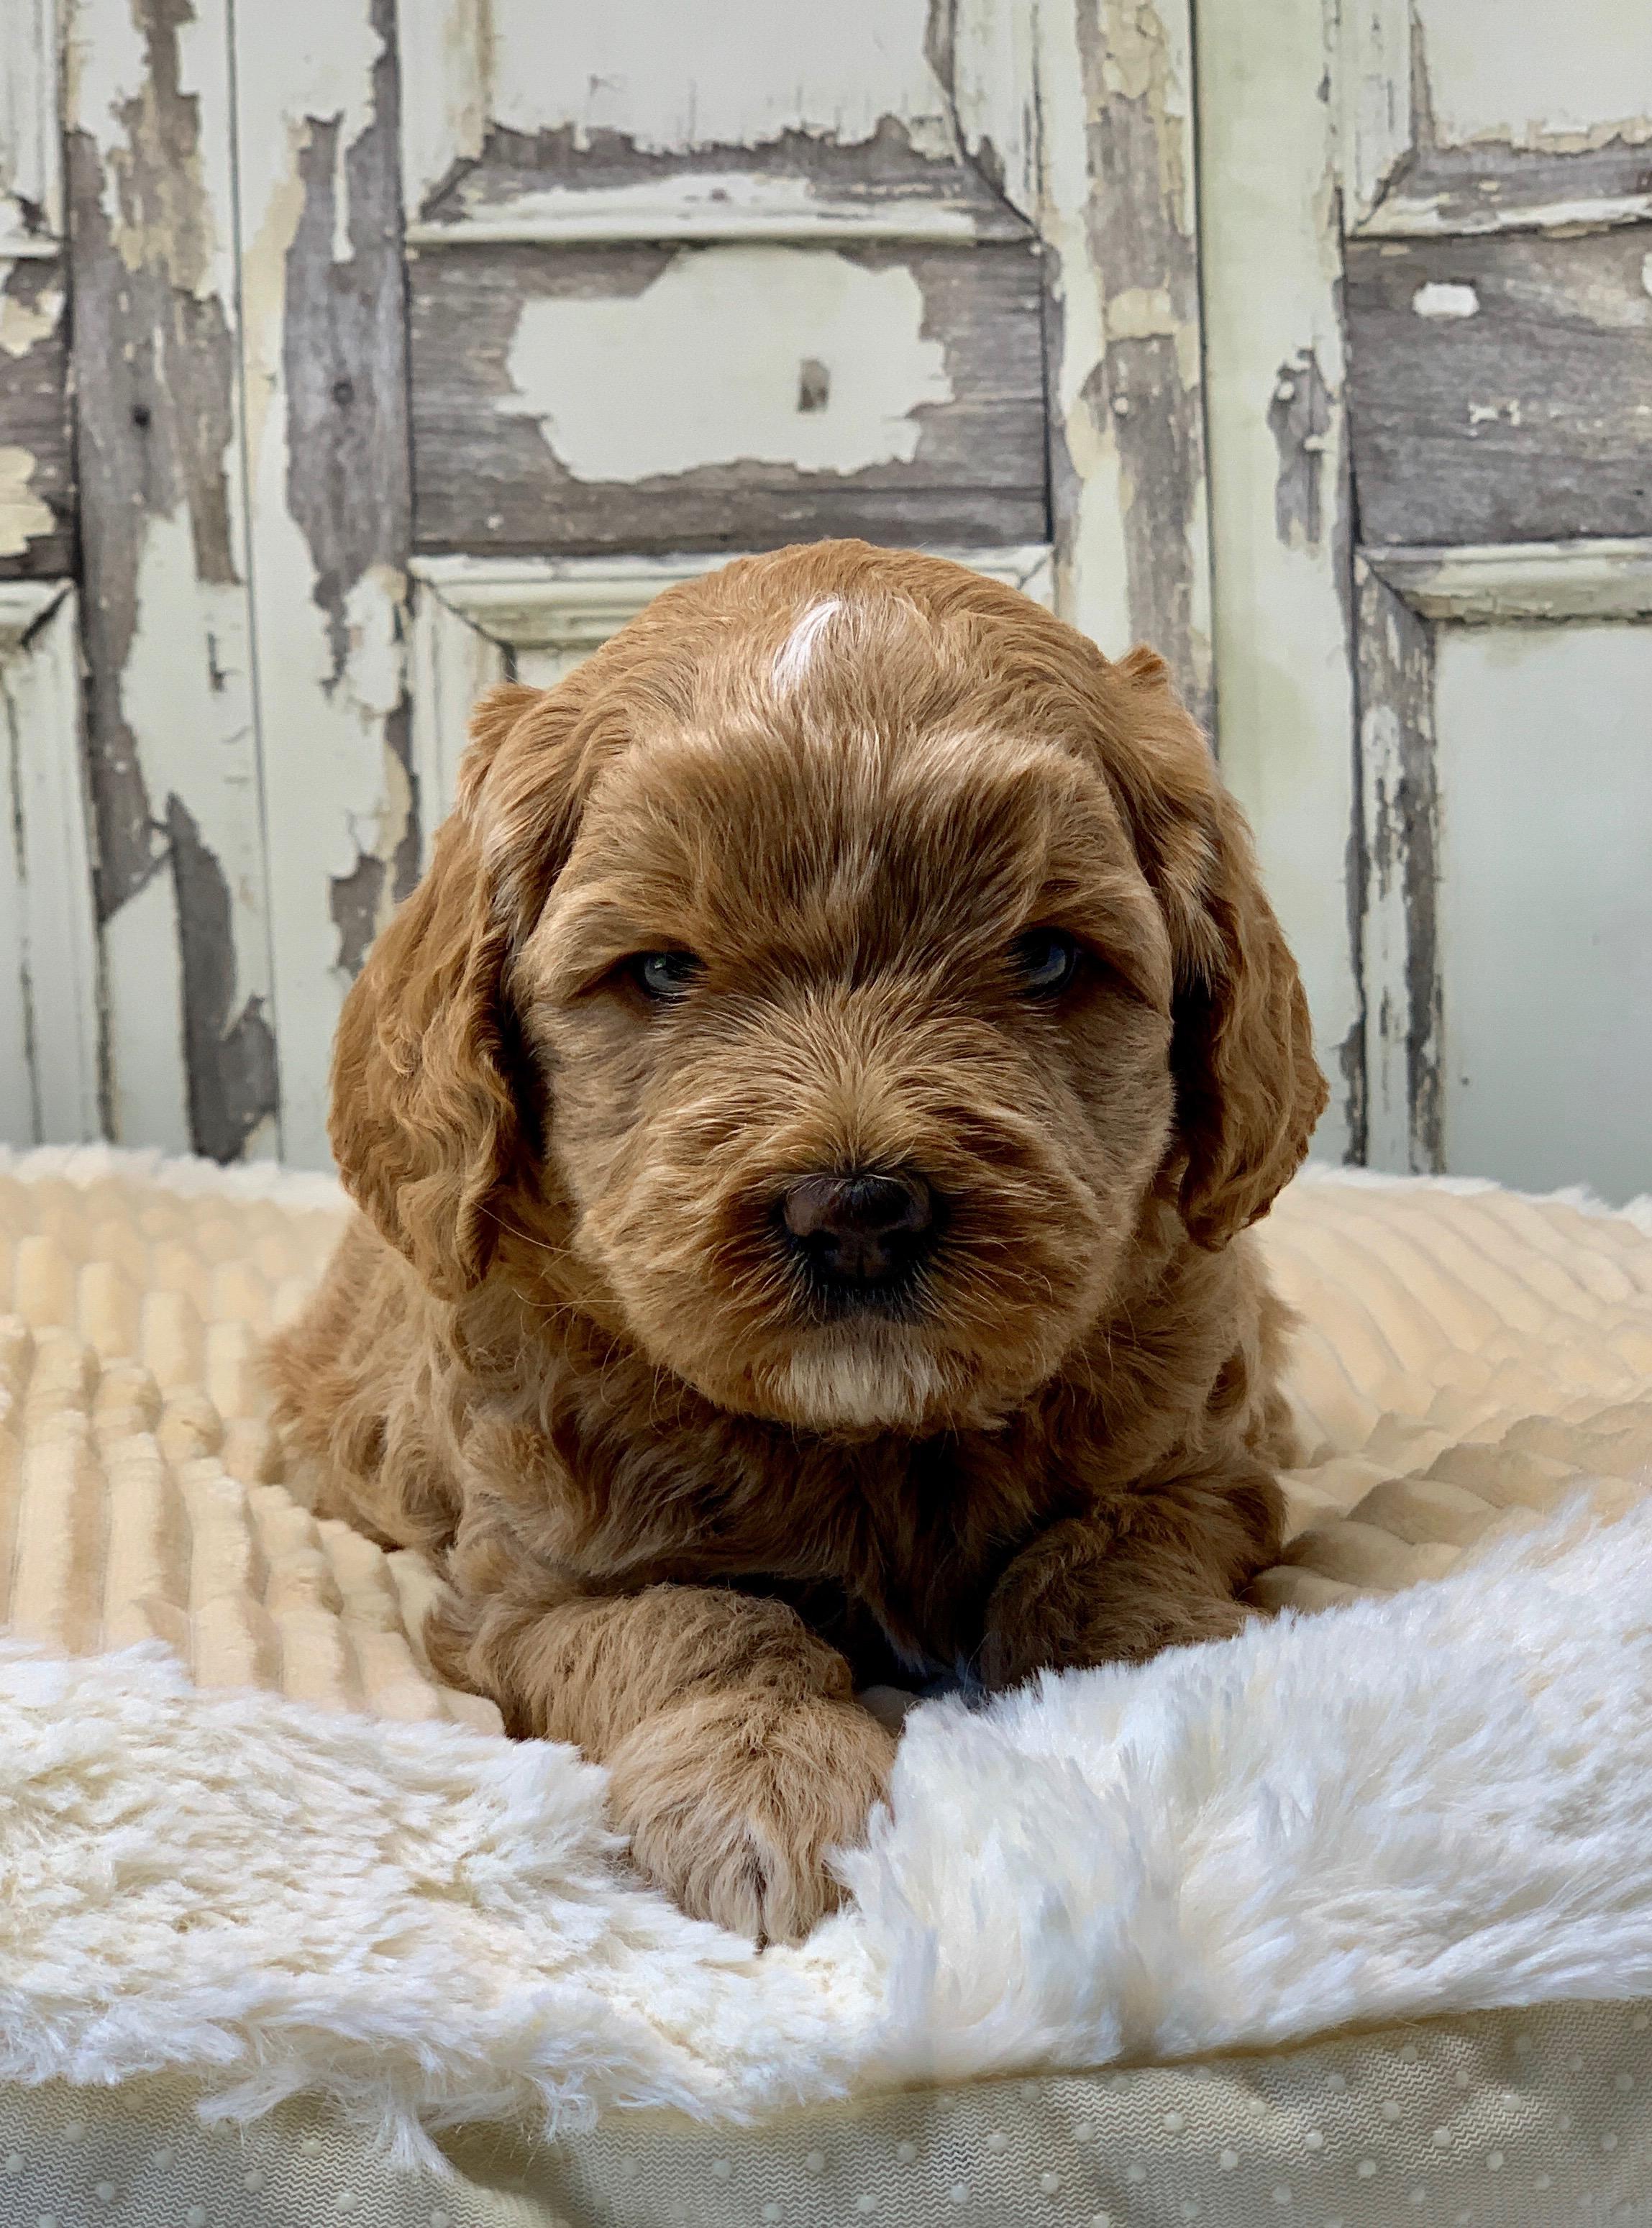 Look at this grumpy face!